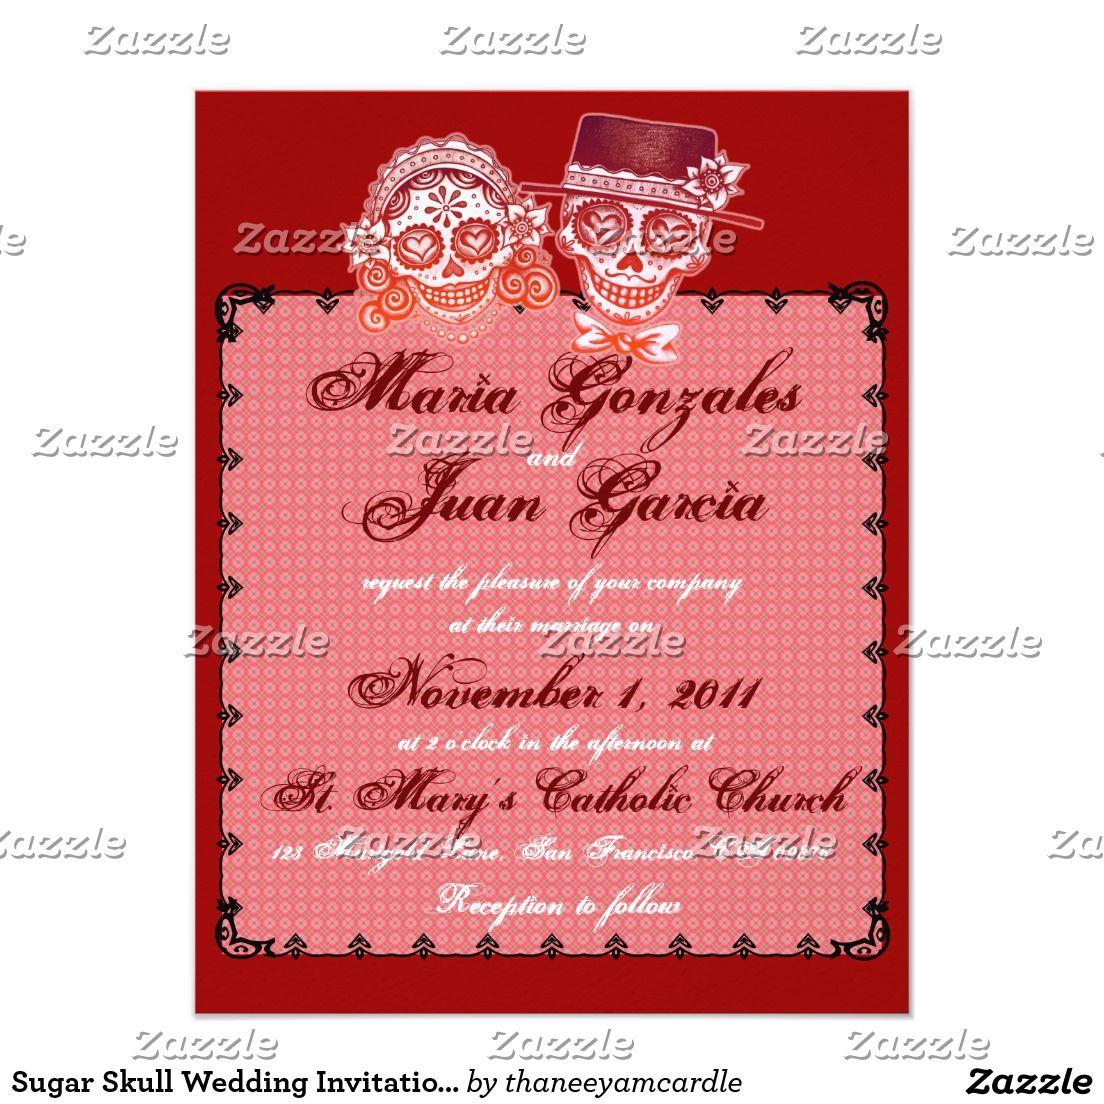 Attractive Wedding Invitation Zazzle Embellishment - Invitations and ...